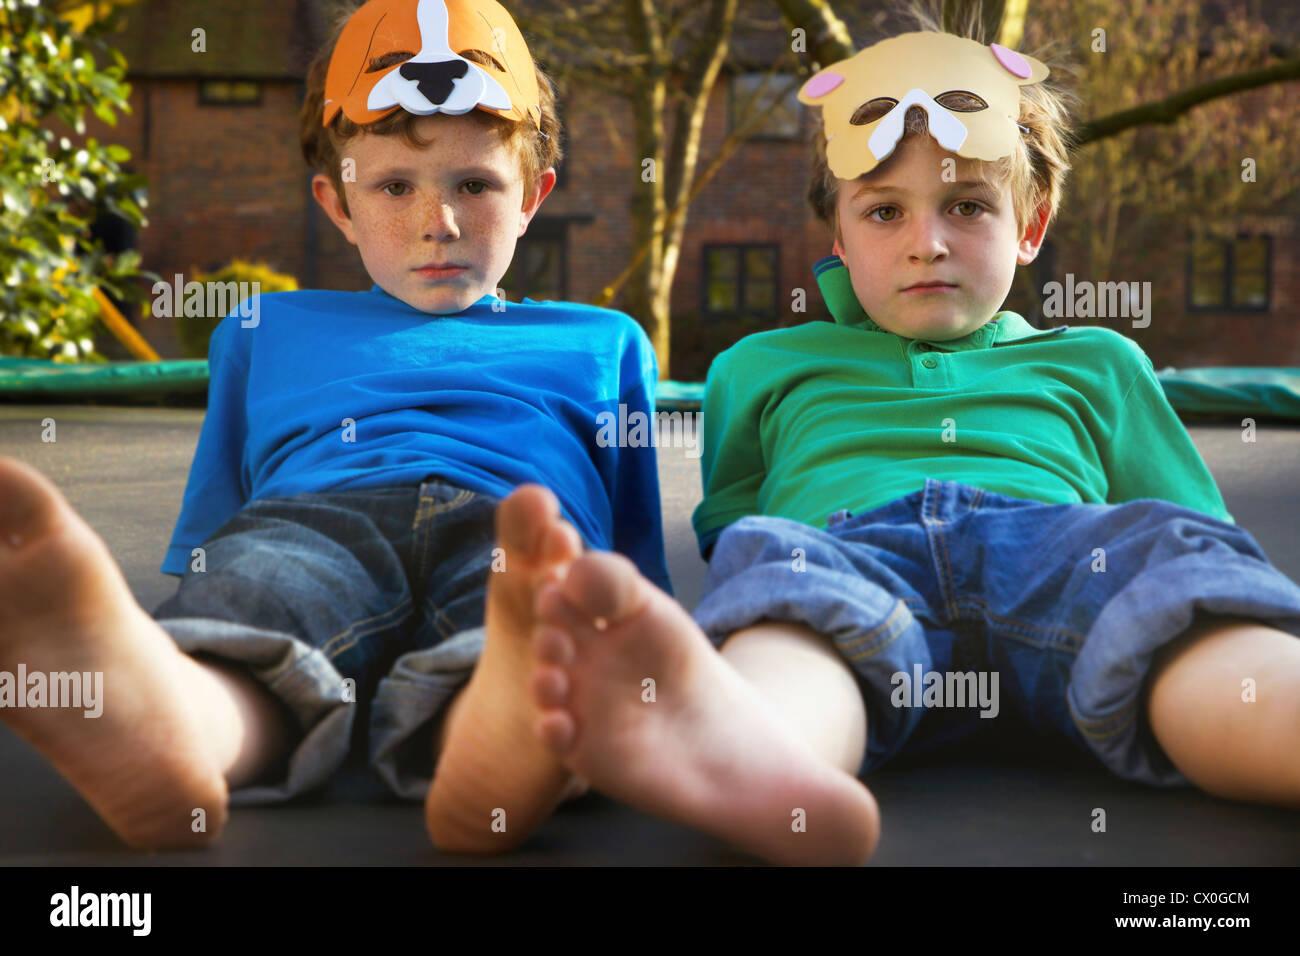 Two Boys Wearing Masks Lying on Trampoline Stock Foto